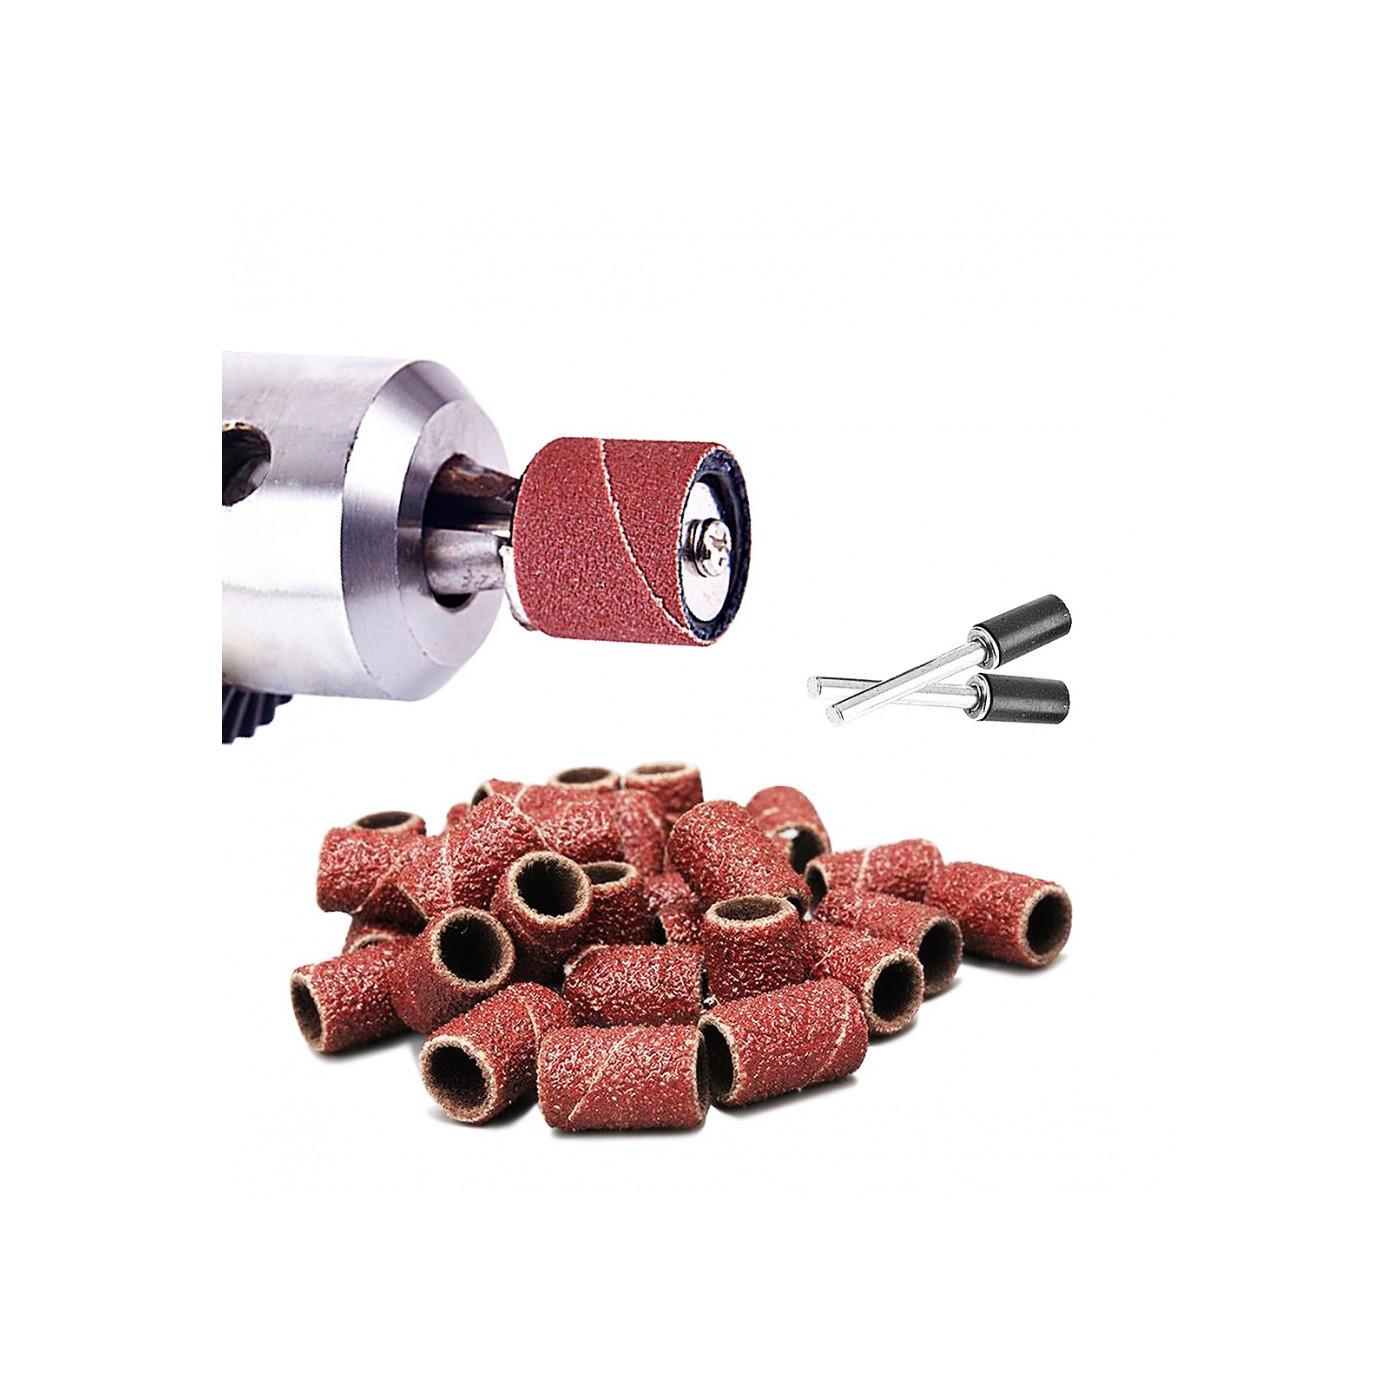 Conjunto de 60 bandas de lijado de 8 mm, grano 80-600 con 2 varillas  - 1